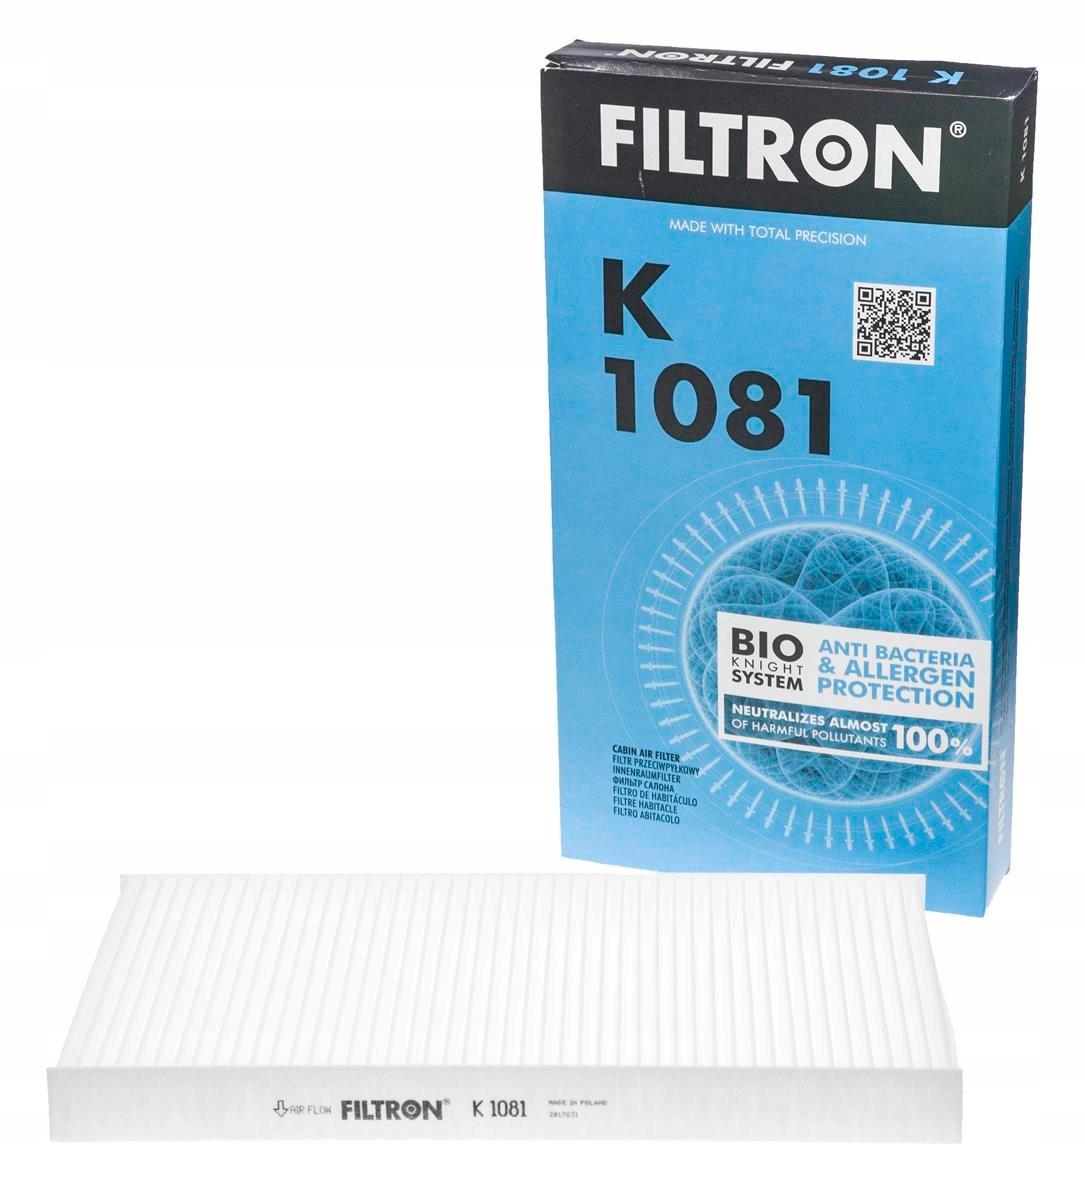 фильтр кабины filtron k 1081